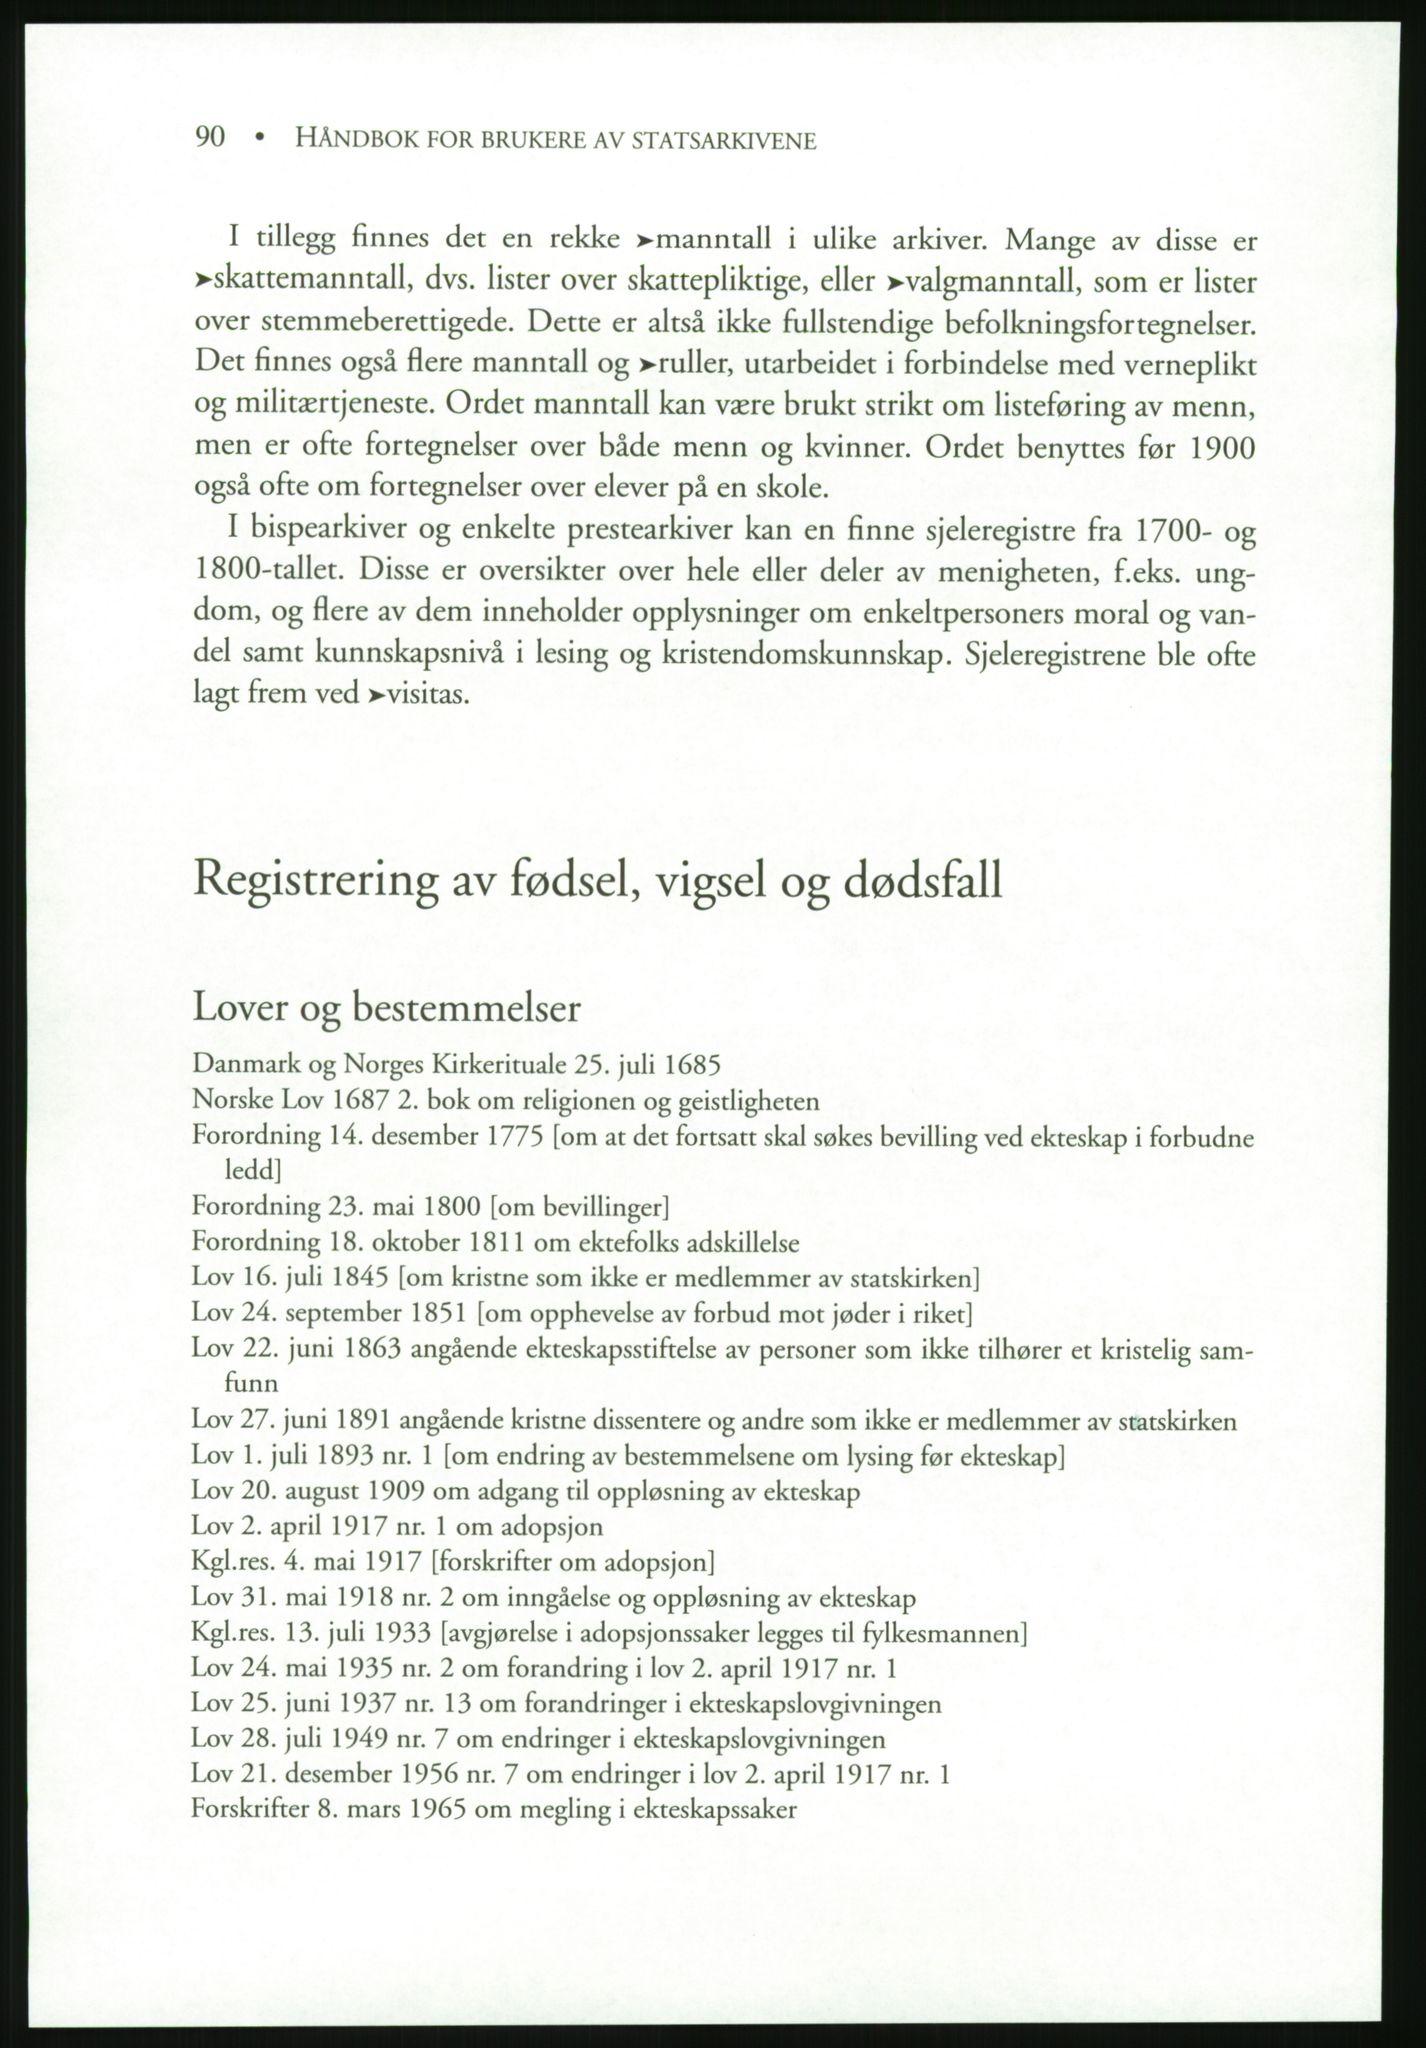 PUBL, Publikasjoner utgitt av Arkivverket, -/19: Liv Mykland: Håndbok for brukere av statsarkivene (2005), p. 90